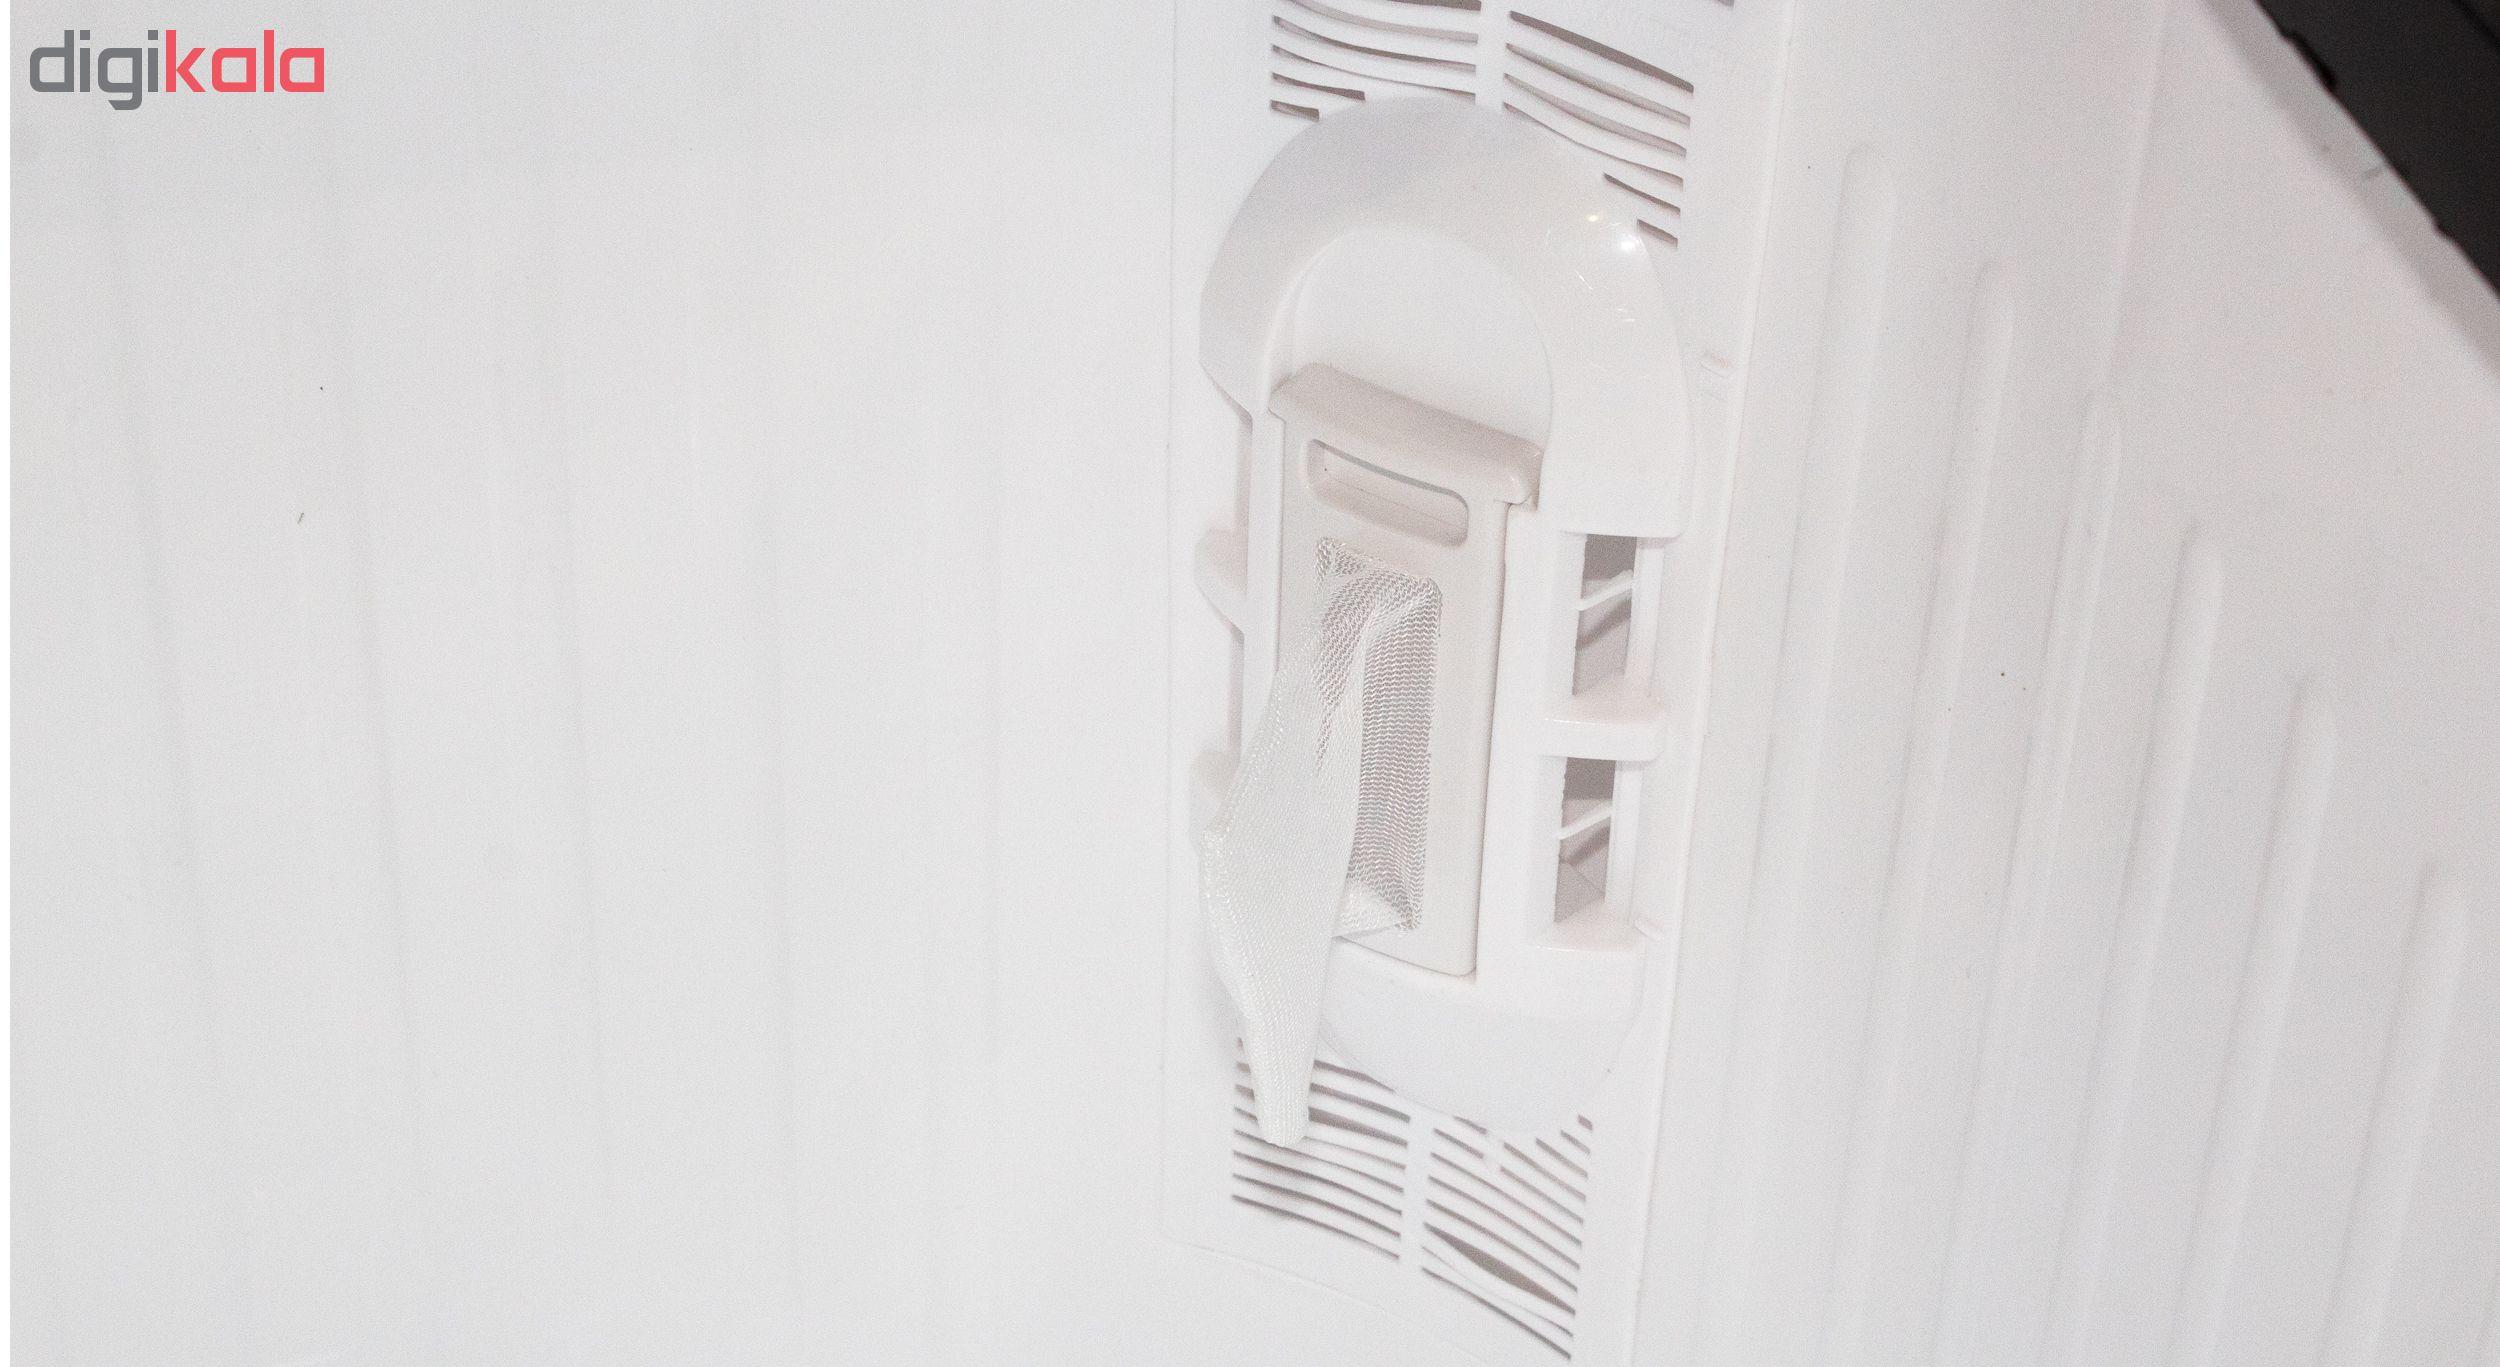 ماشین لباسشویی پاکشوما مدل PWT-1554AJ ظرفیت 15.5 کیلوگرم main 1 8